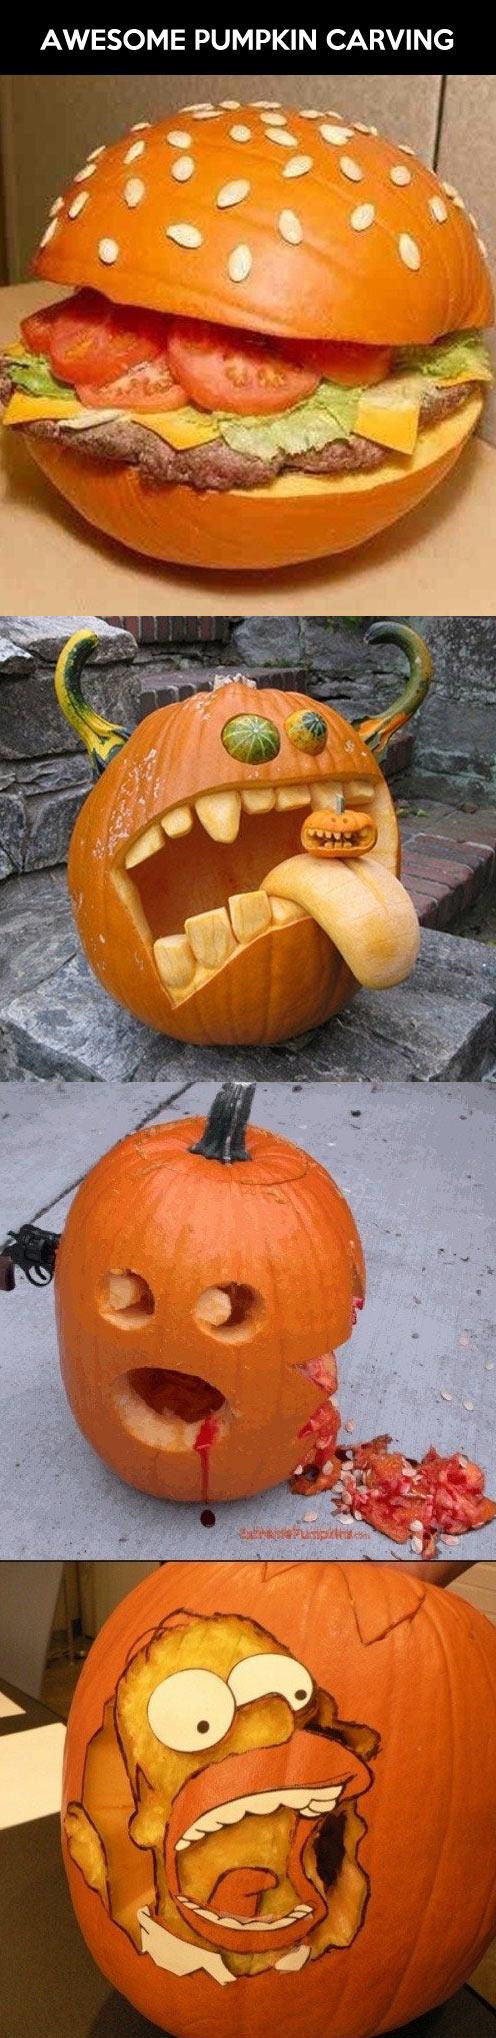 Advanced pumpkin carving...